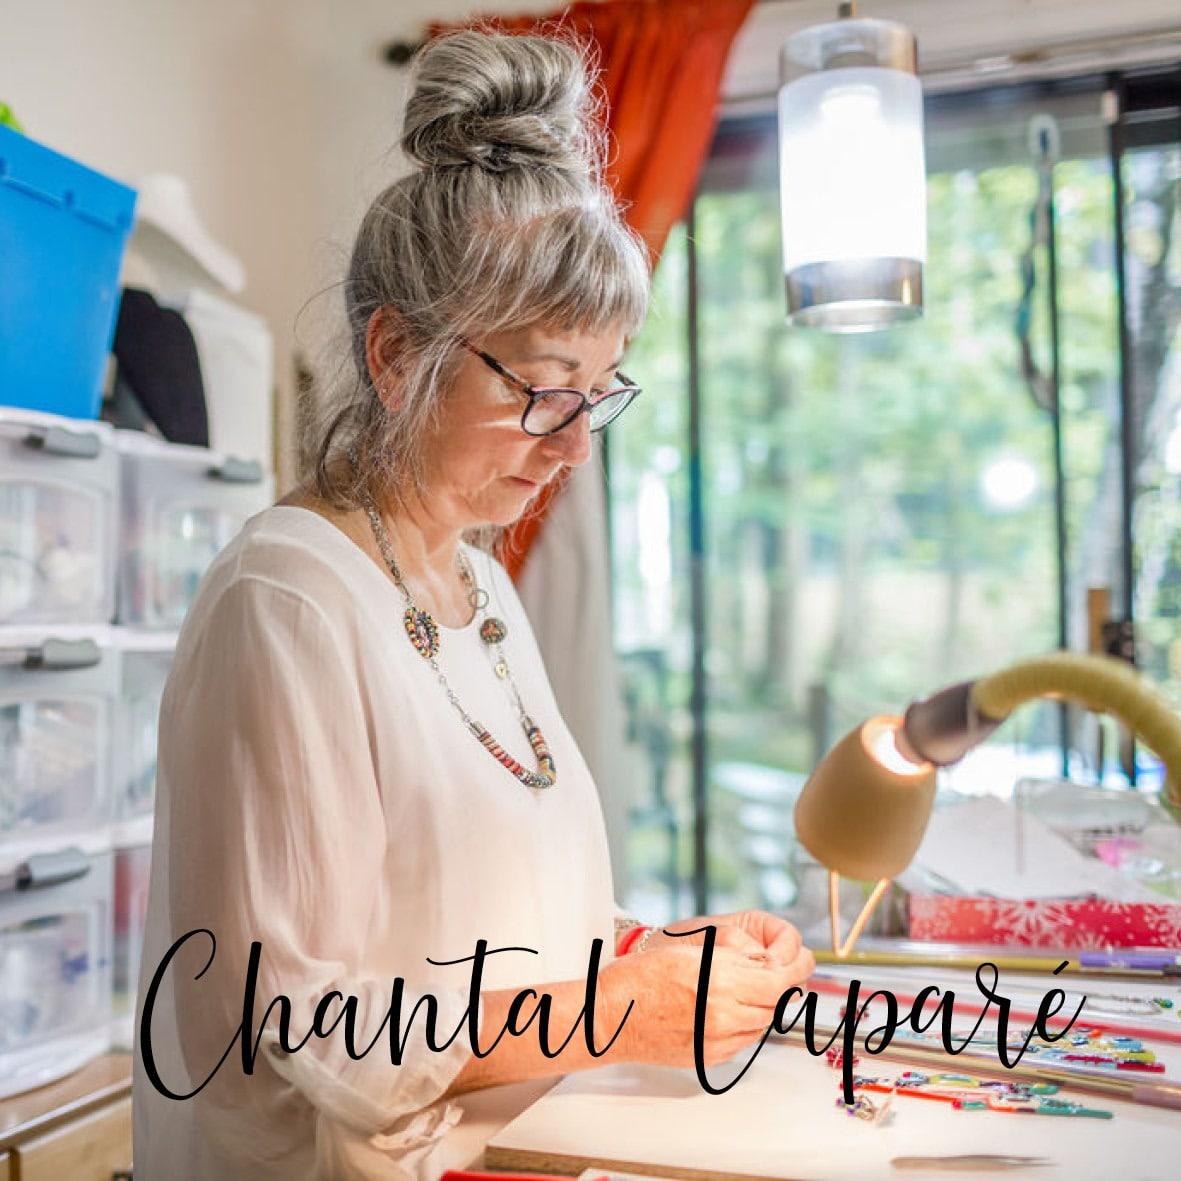 Chantal Laparé de Manu Factum